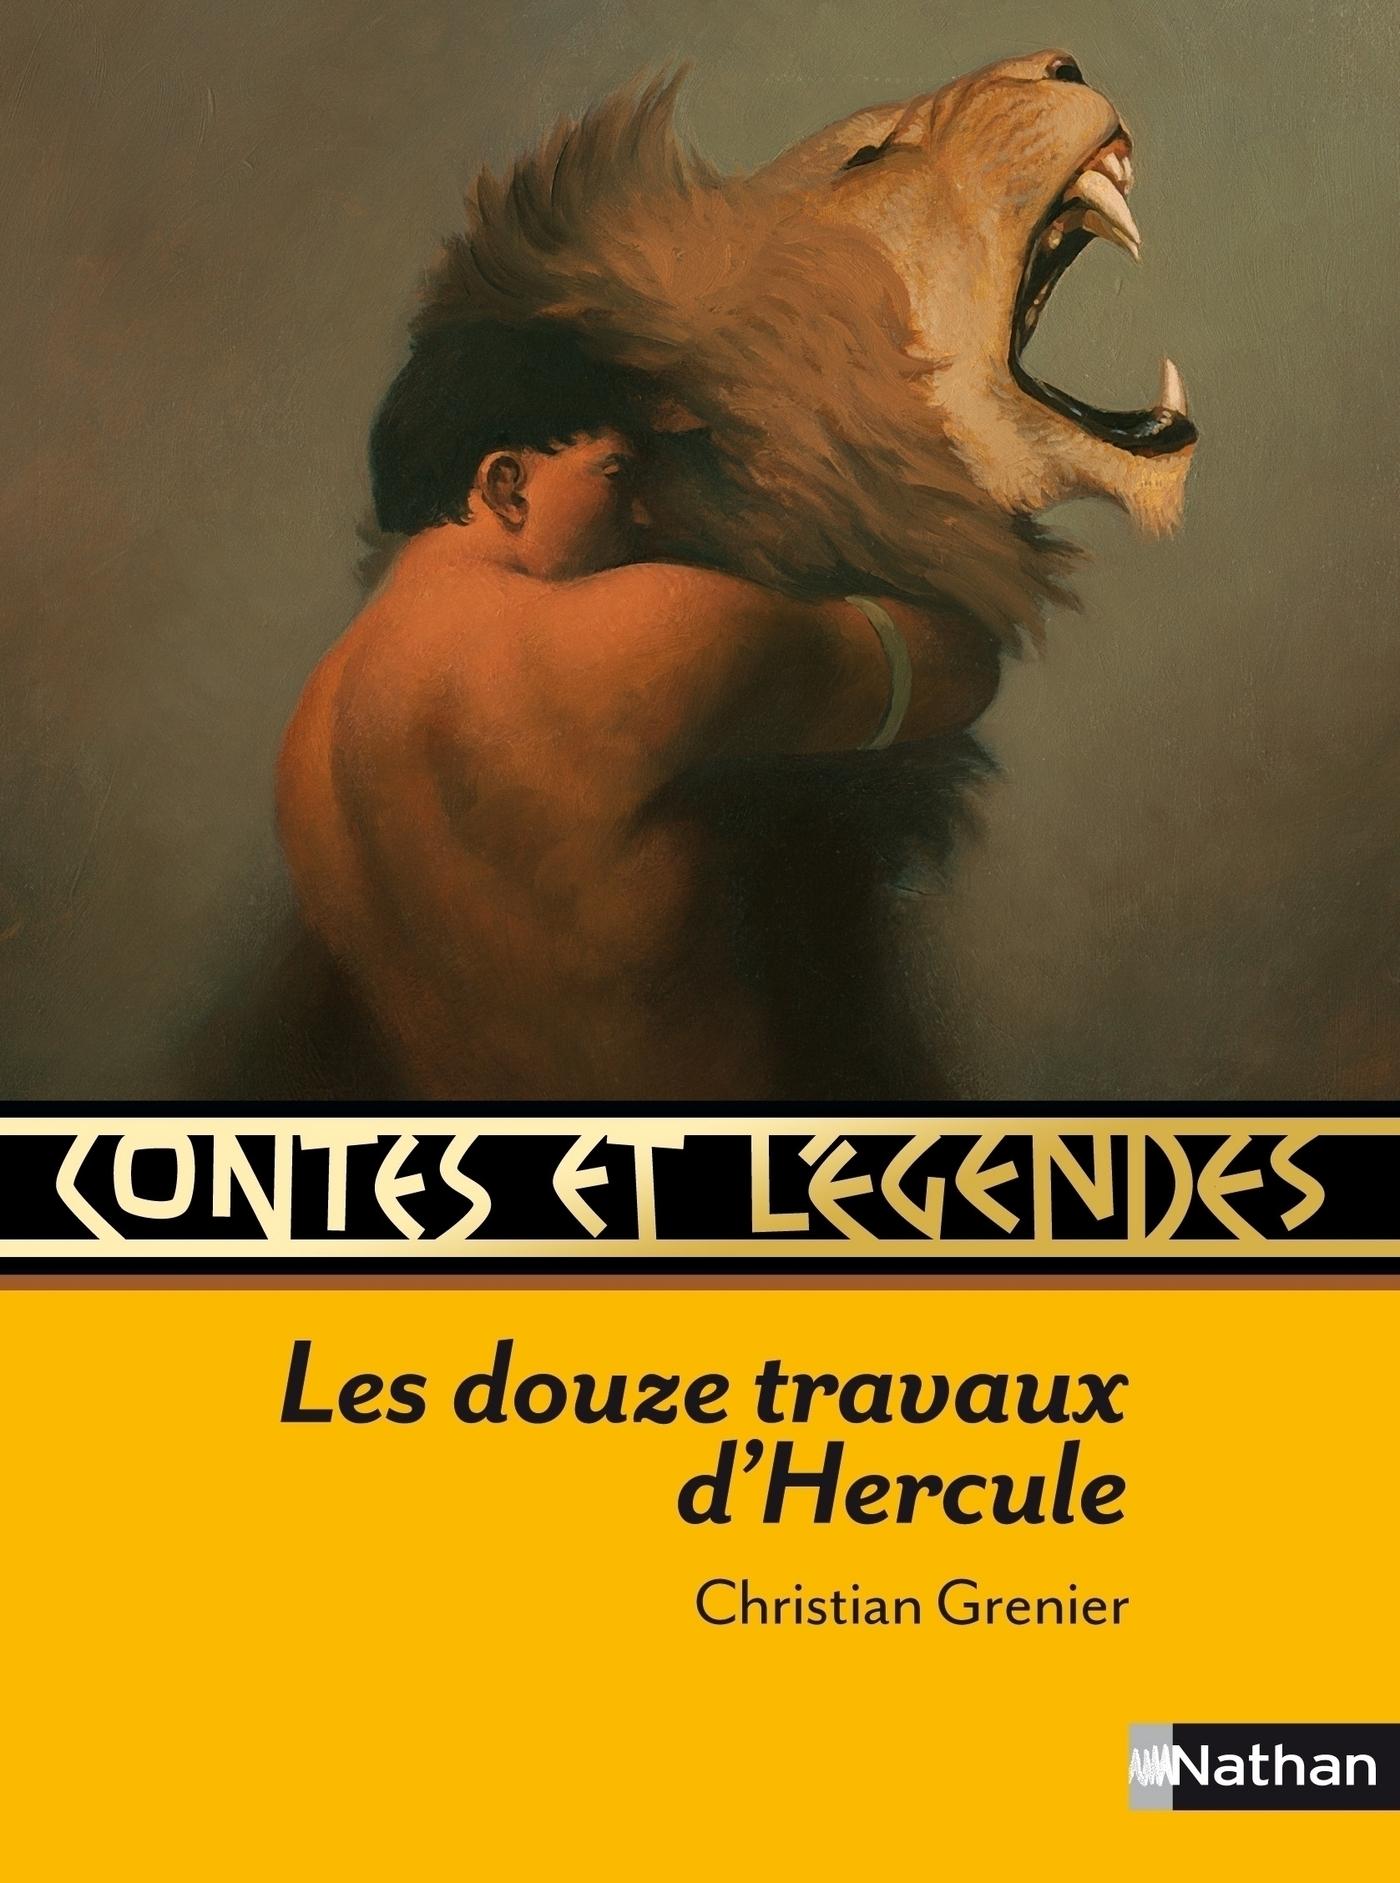 Contes et Légendes - Les douze travaux d'Hercule